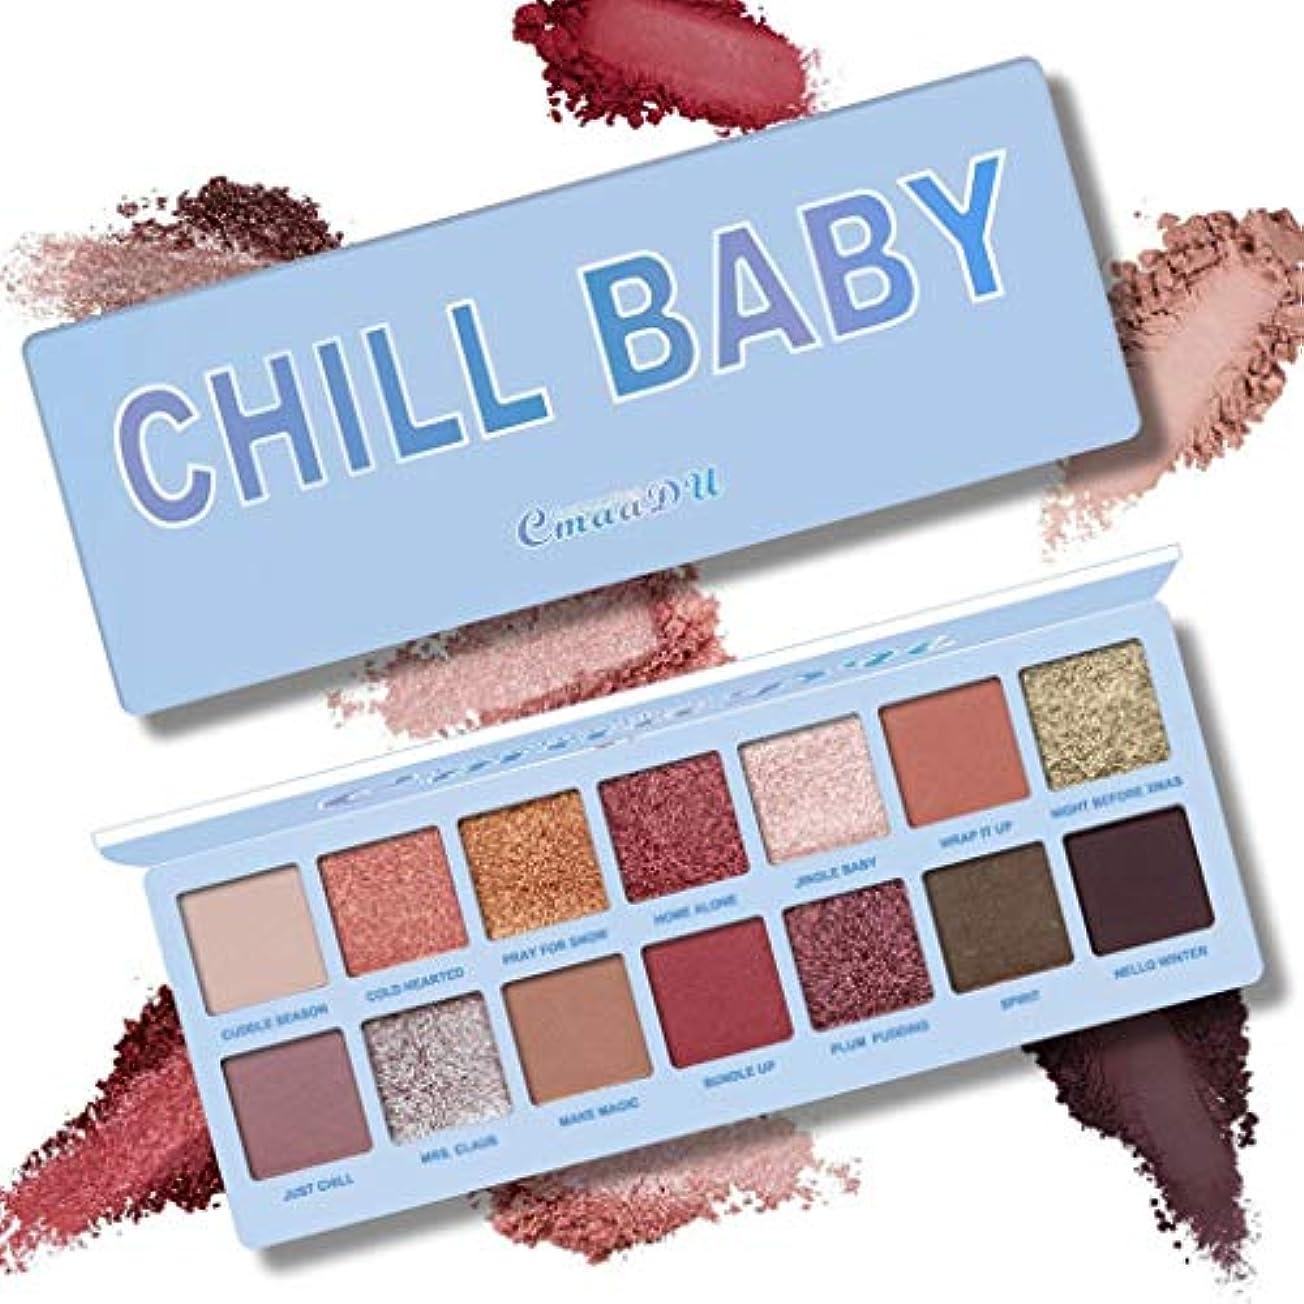 影響する秀でるファンタジー美容アクセサリー 3ピース14色ヌードシャイニングアイシャドウパレット防水スモーキーアイシャドーパレットマットパウダー化粧品(スカイブルー) 写真美容アクセサリー (色 : Sky blue)